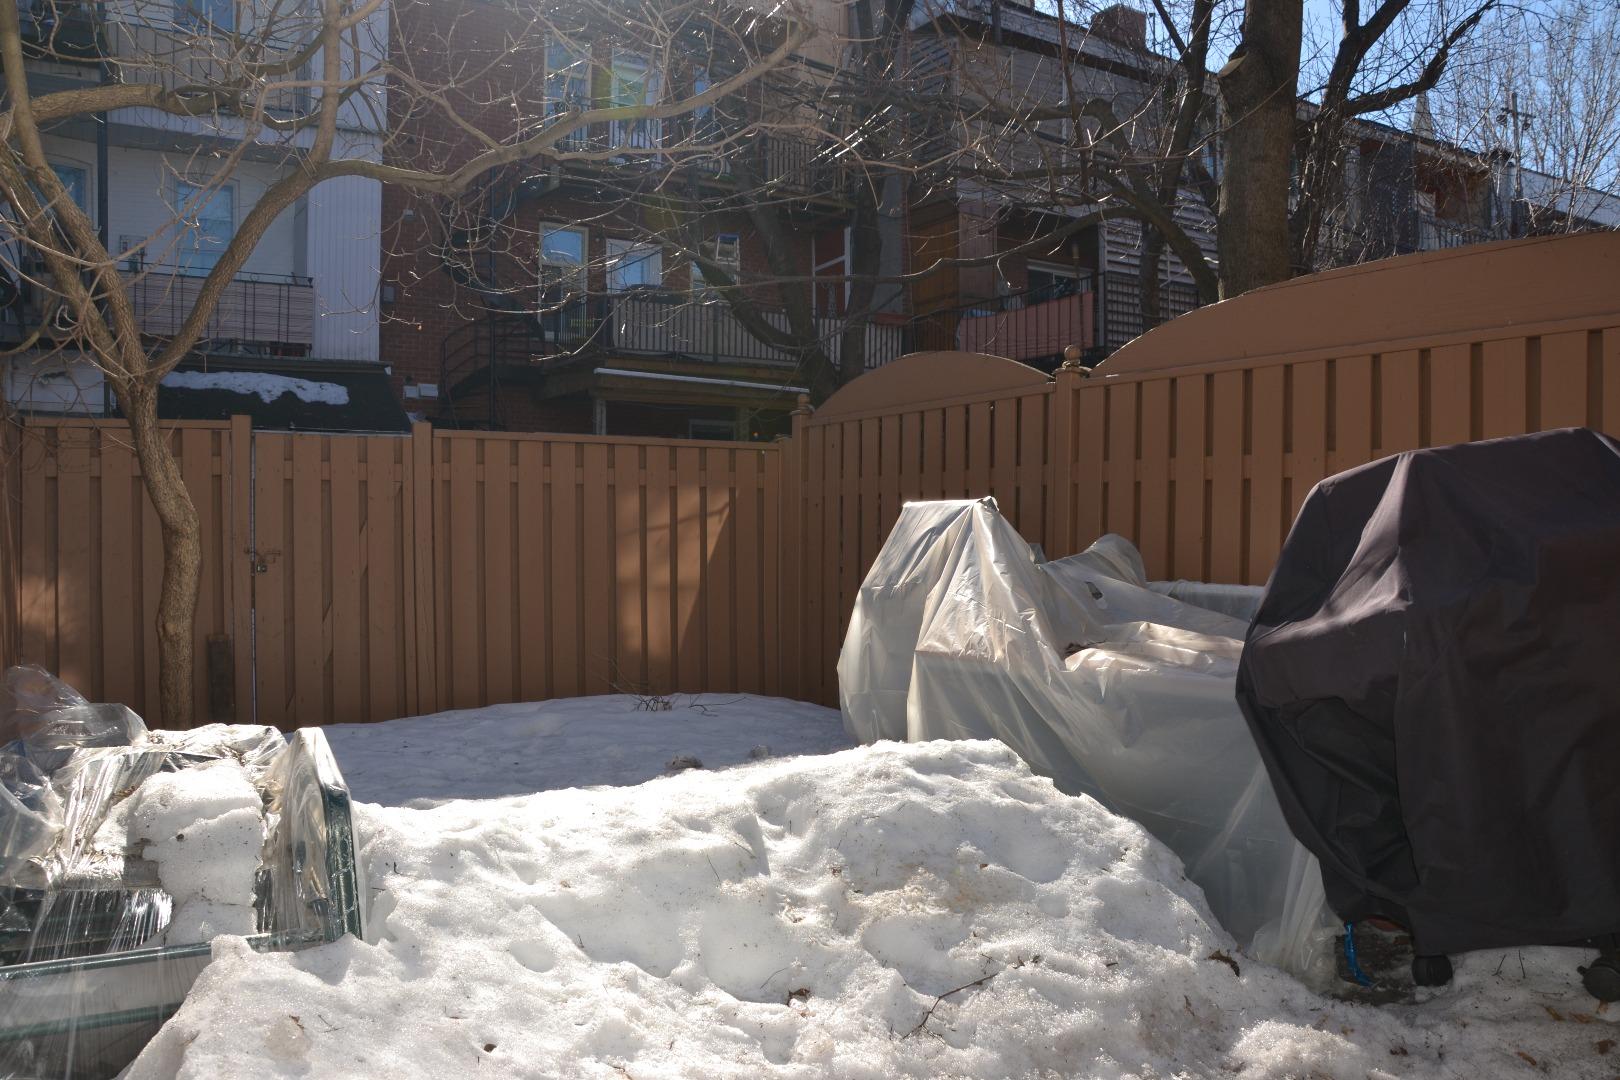 Maison à vendre Montréal Le Plateau Mont-Royal / Mile End - Cour